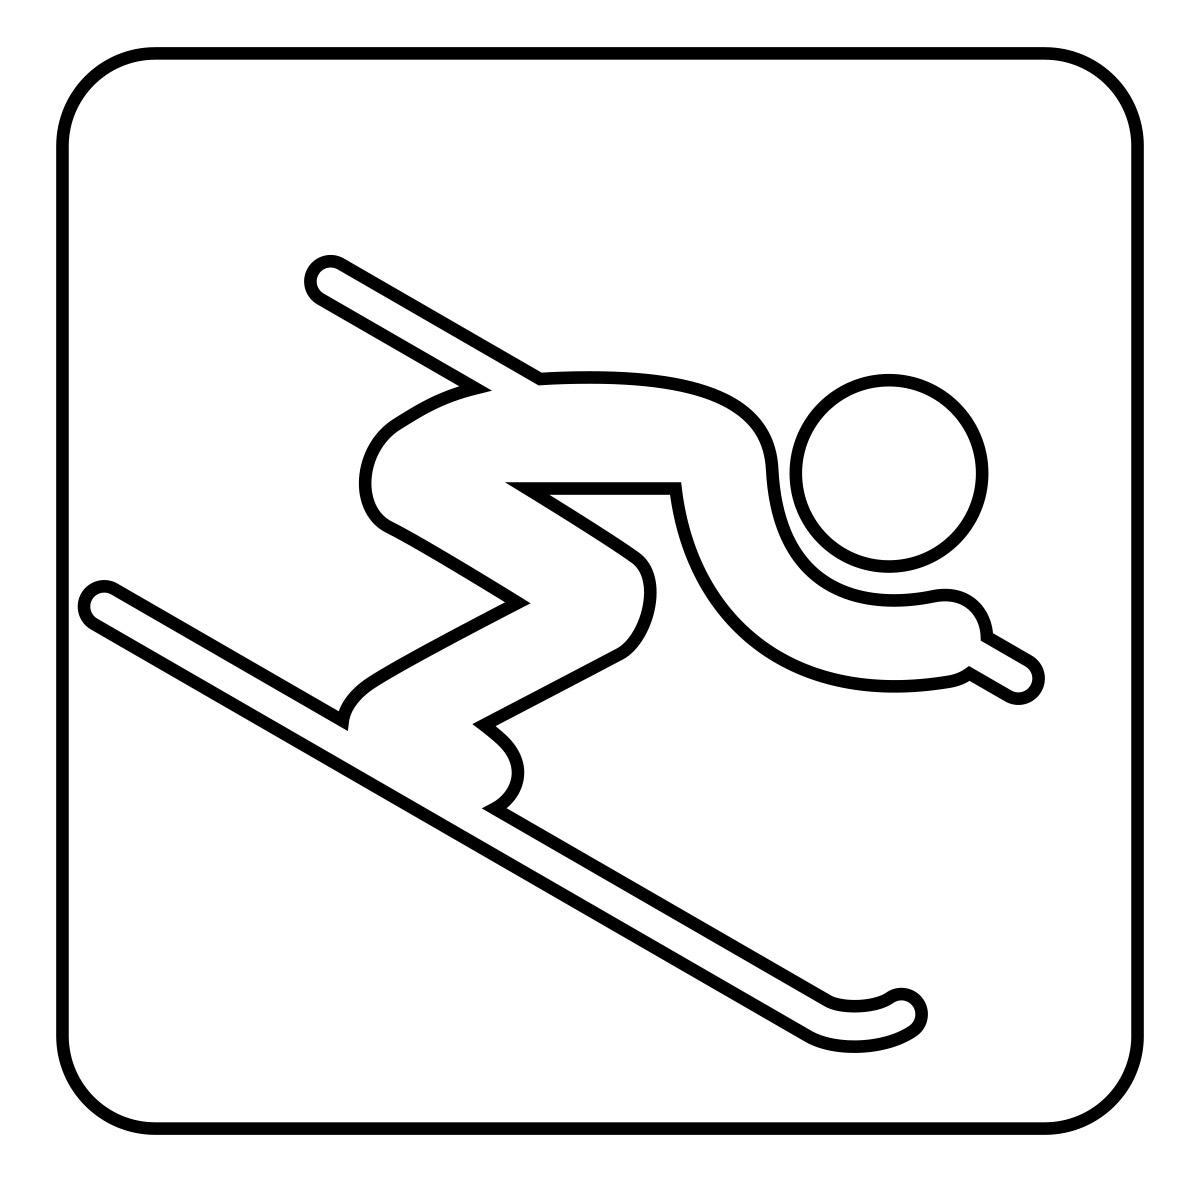 Free Ski Cliparts Black Download Free Clip Art Free Clip